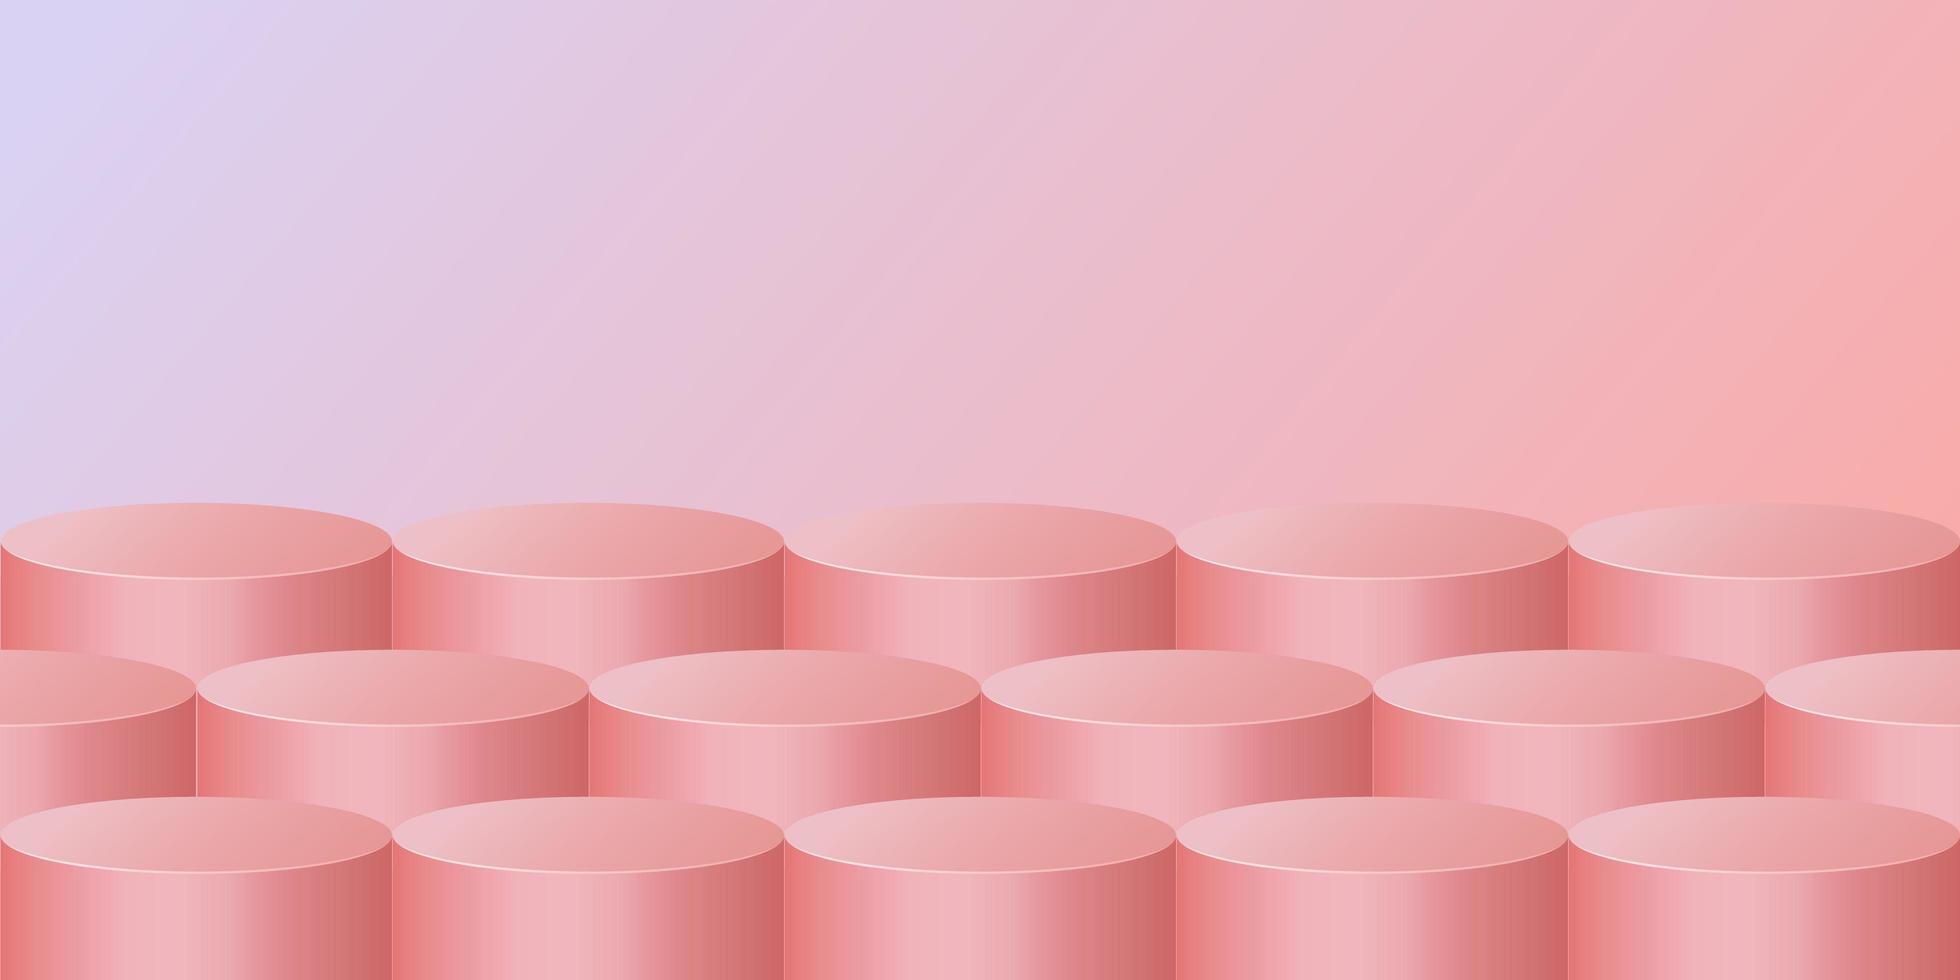 disegno cilindro 3d rosa pastello vettore